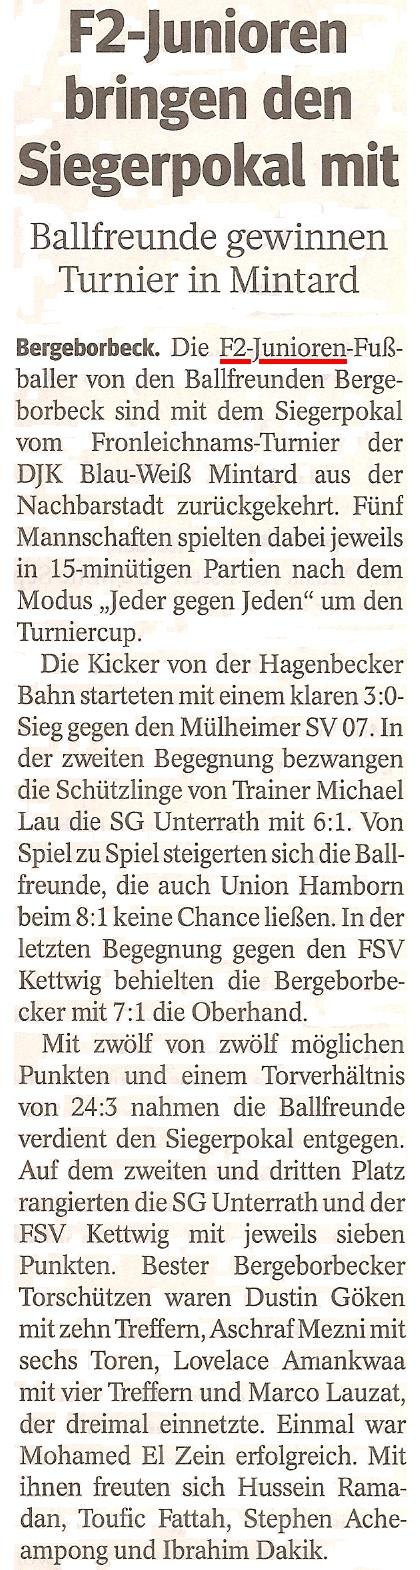 Die WAZ vom 04.06.2013 berichtet über den Pokalsieg der F2-Junioren beim Fronleichnamsturnier in DJK Blau-Weiß Mintard